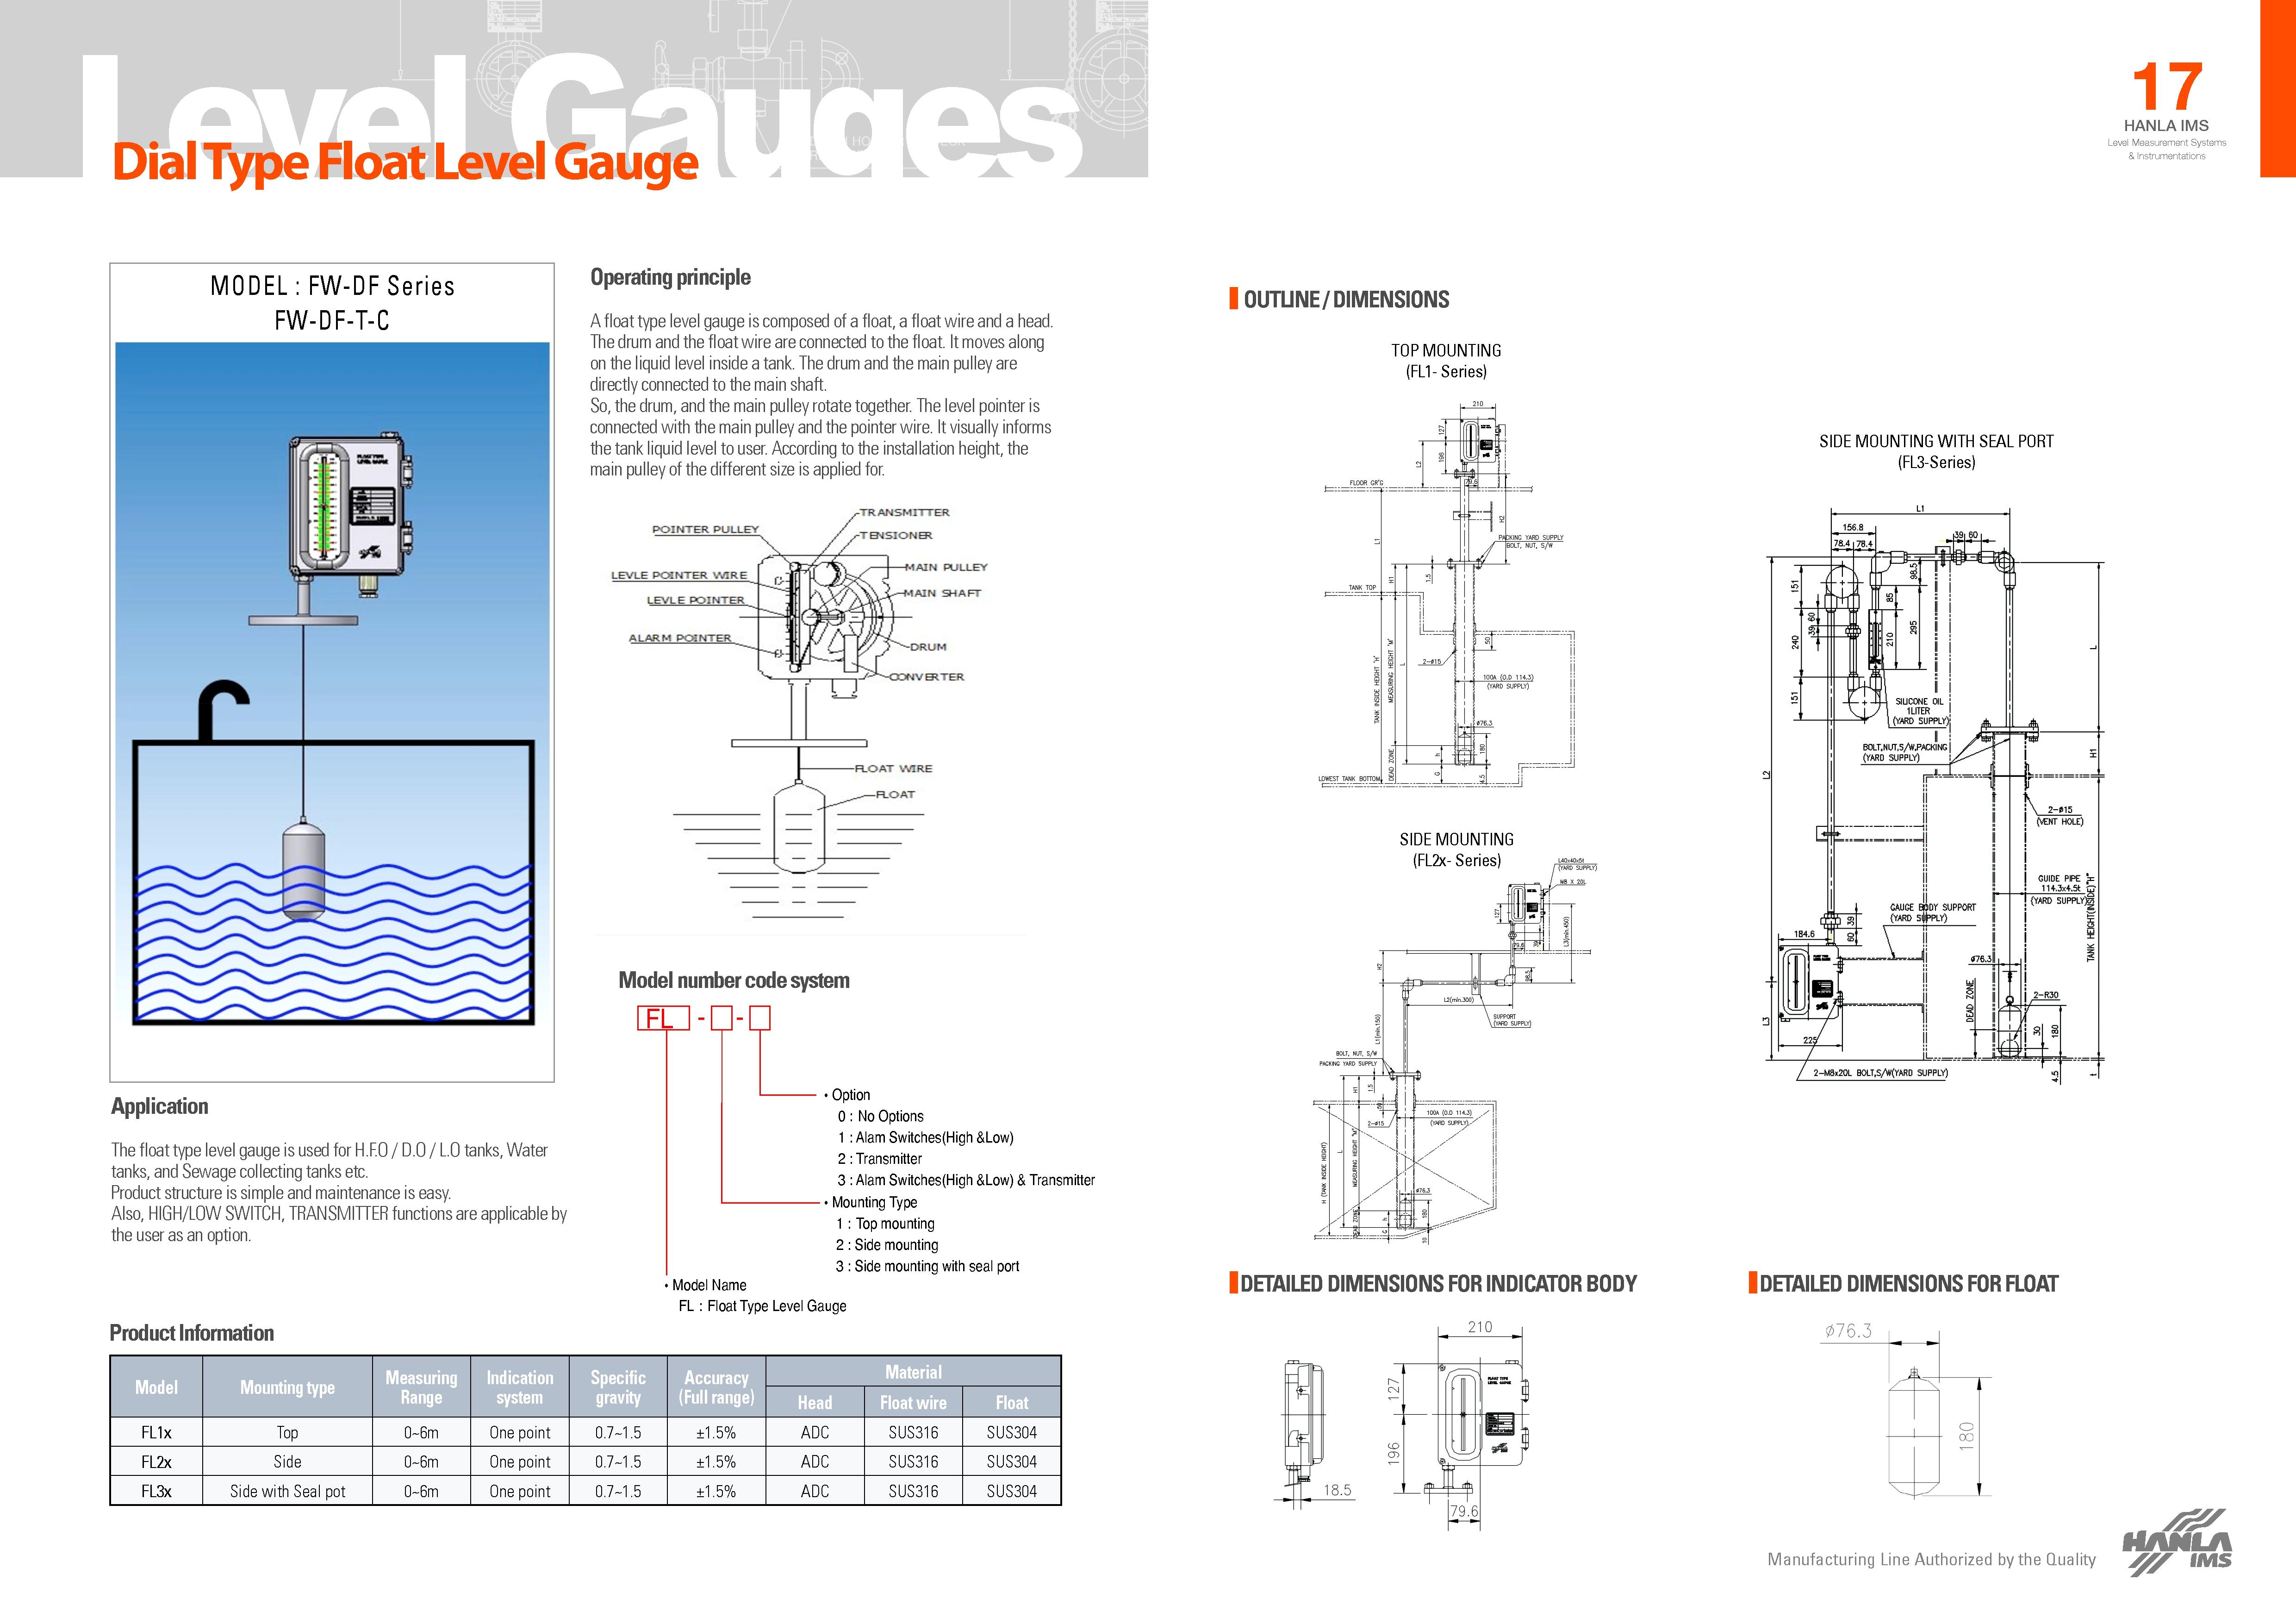 Hanla Ims Industrial Marine Level Gauges Aqua Logistics Liquid Switch Wiring Diagram Fw Df Series Gauge